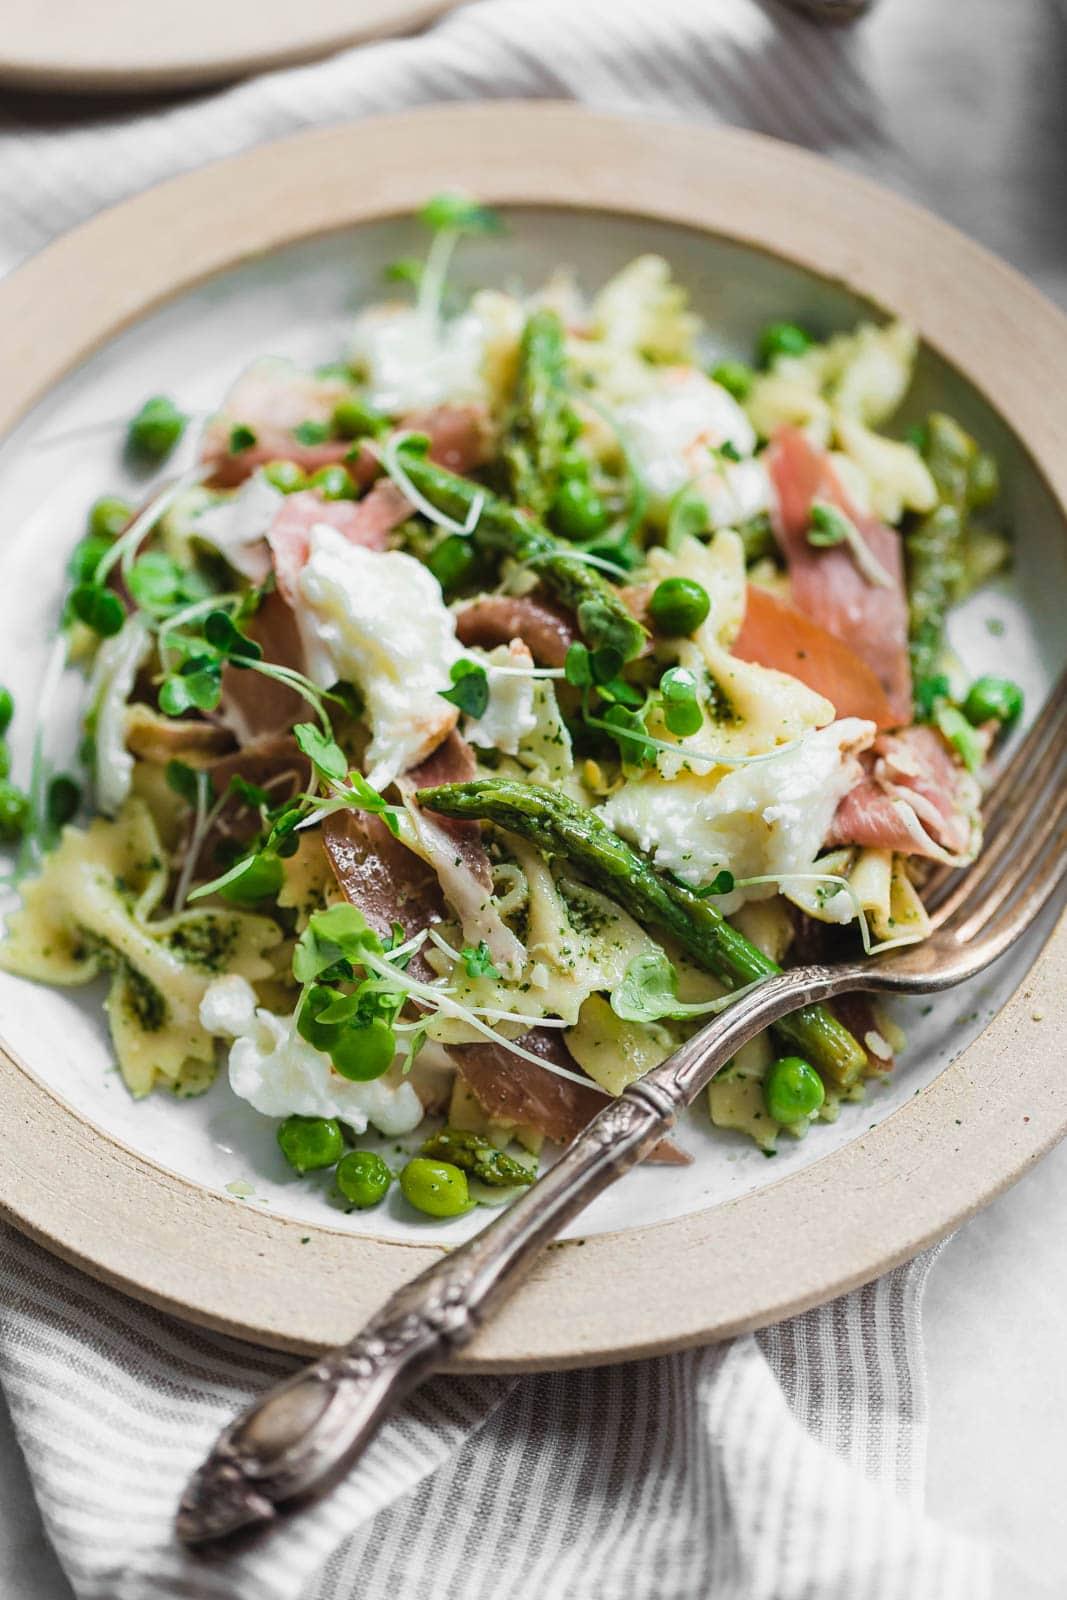 A sensational pasta salad with homemade pesto, prosciutto, peas, asparagus, and burrata.